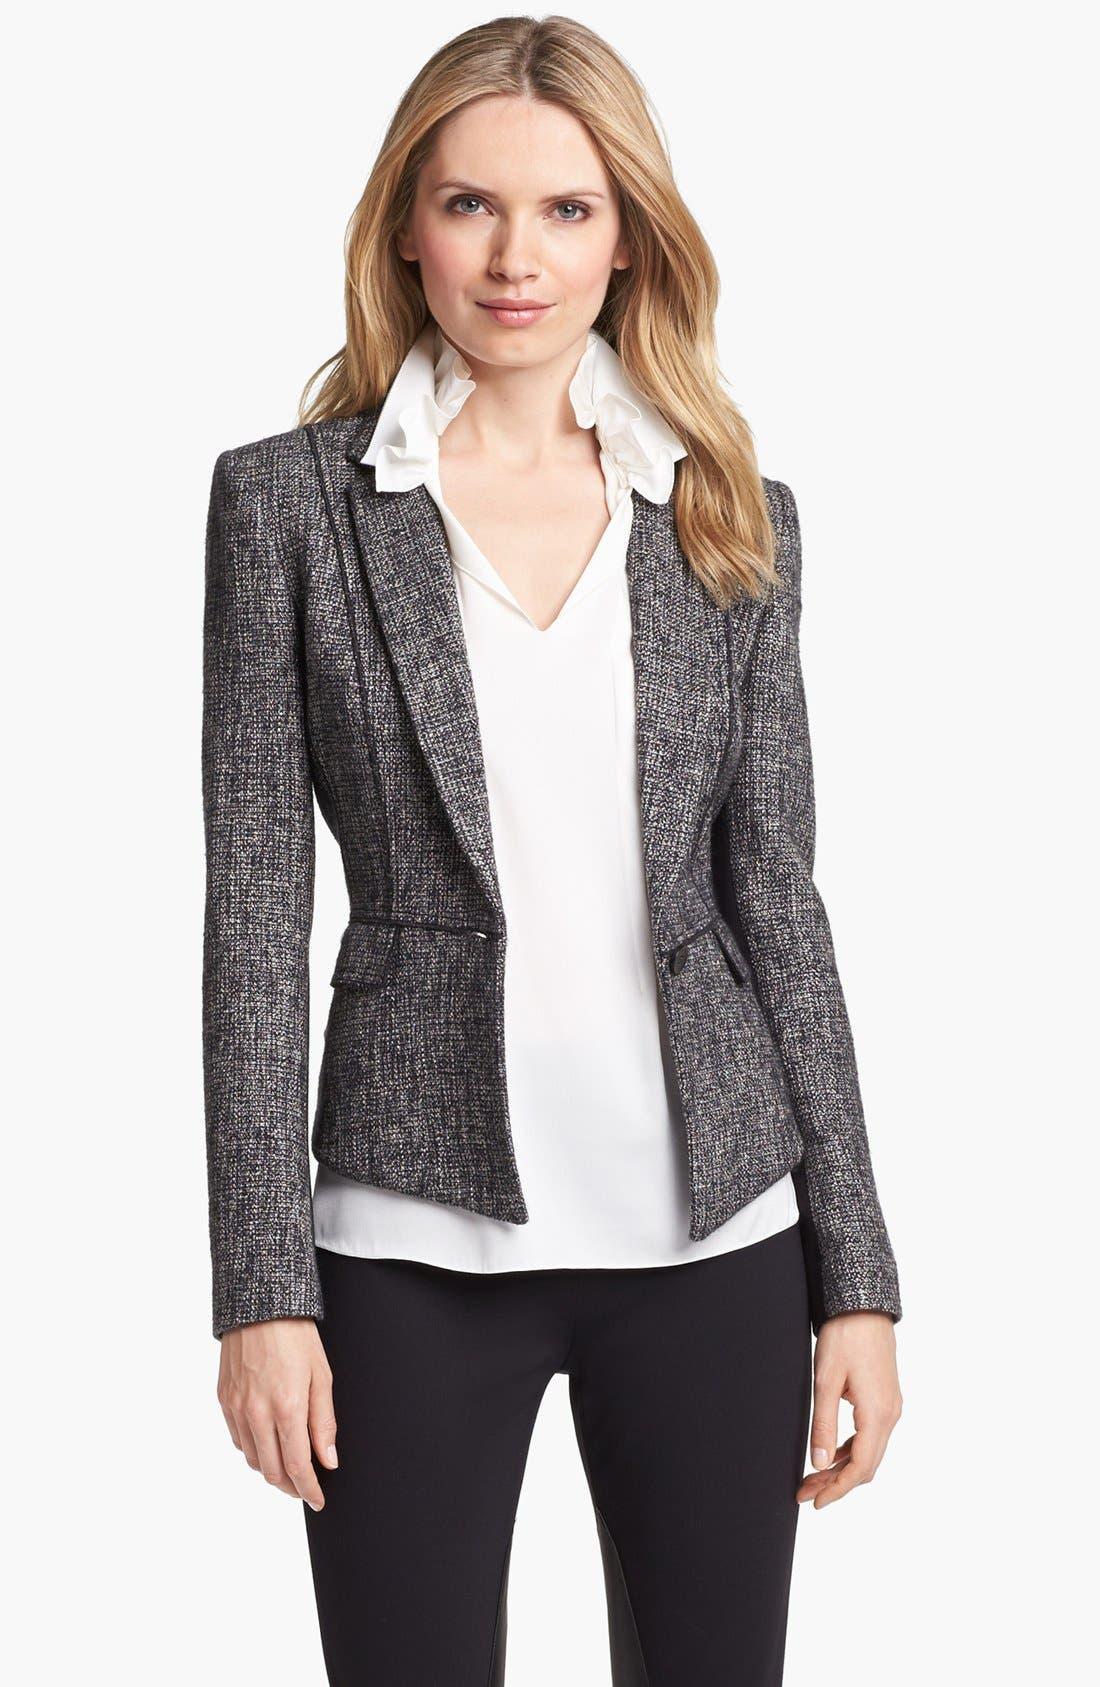 Main Image - Elie Tahari 'Minka' Metallic Tweed Jacket